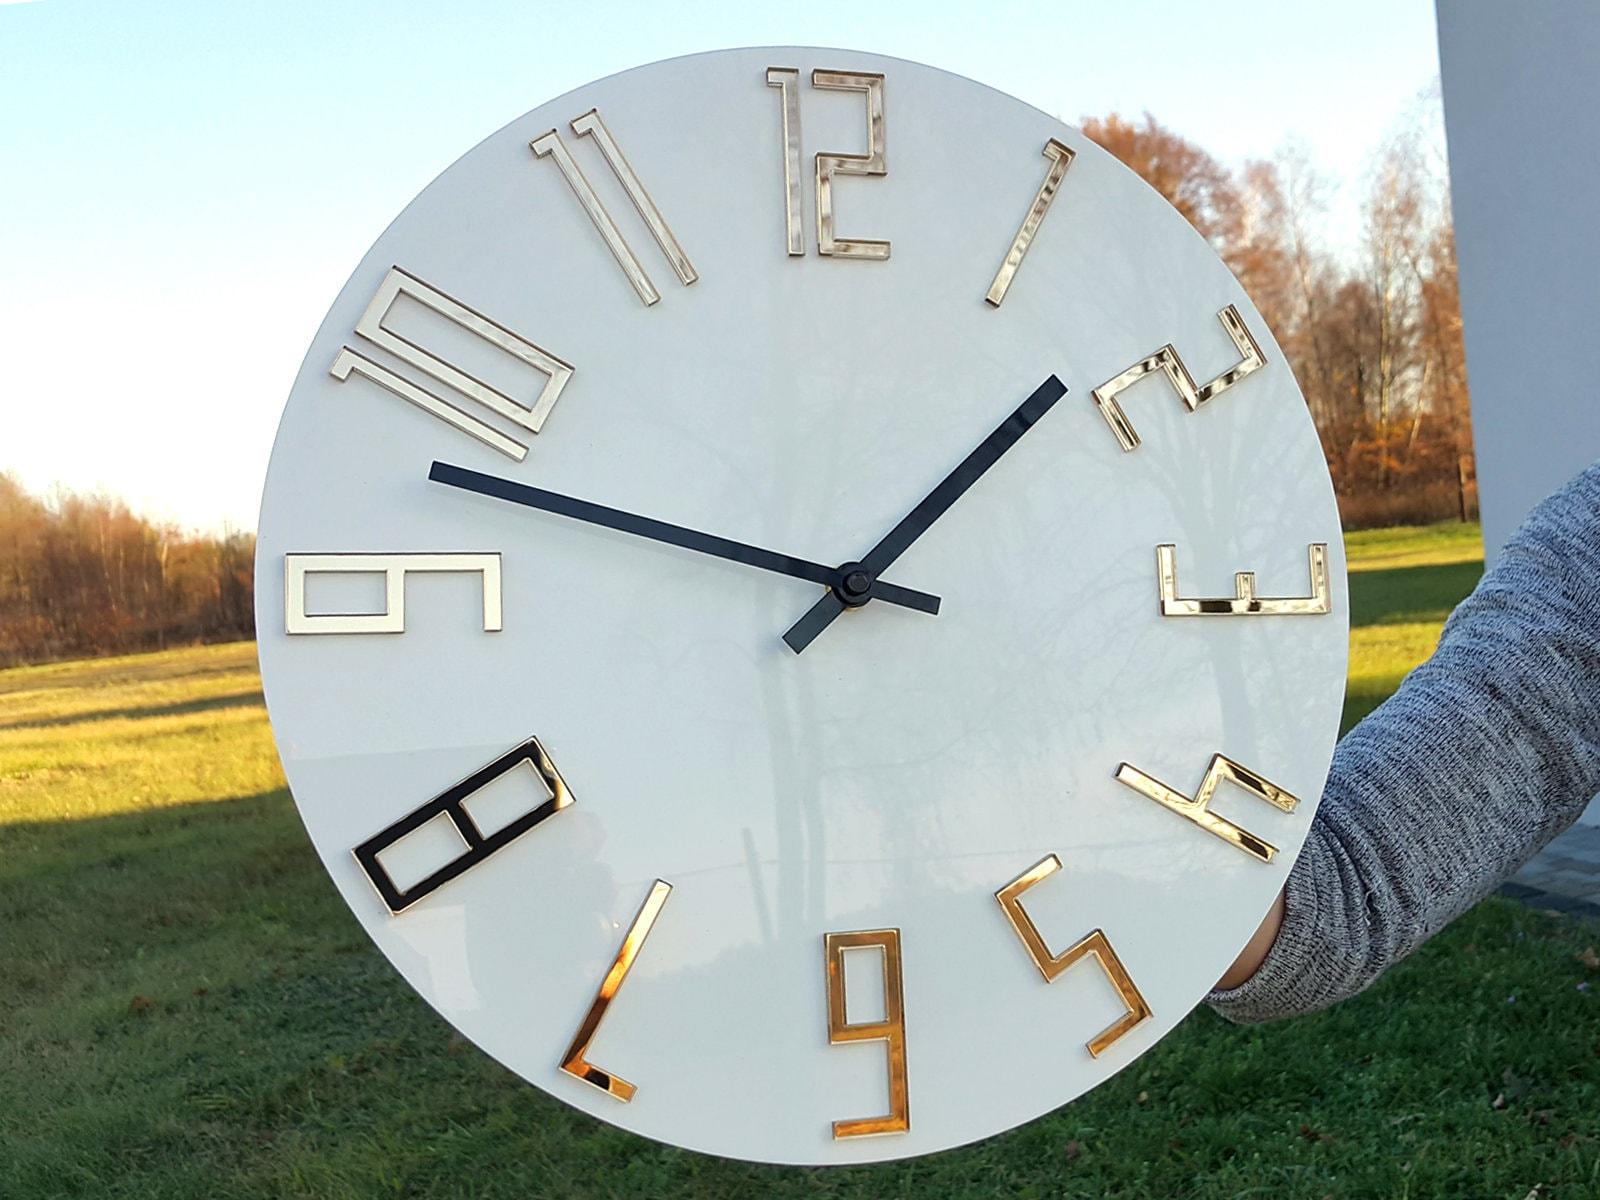 Large Wall Clock Mirror Gold Wall Clock Gift Wall Decor Modern Clock Modern Wall Clock Unique Wall Clocks Gift